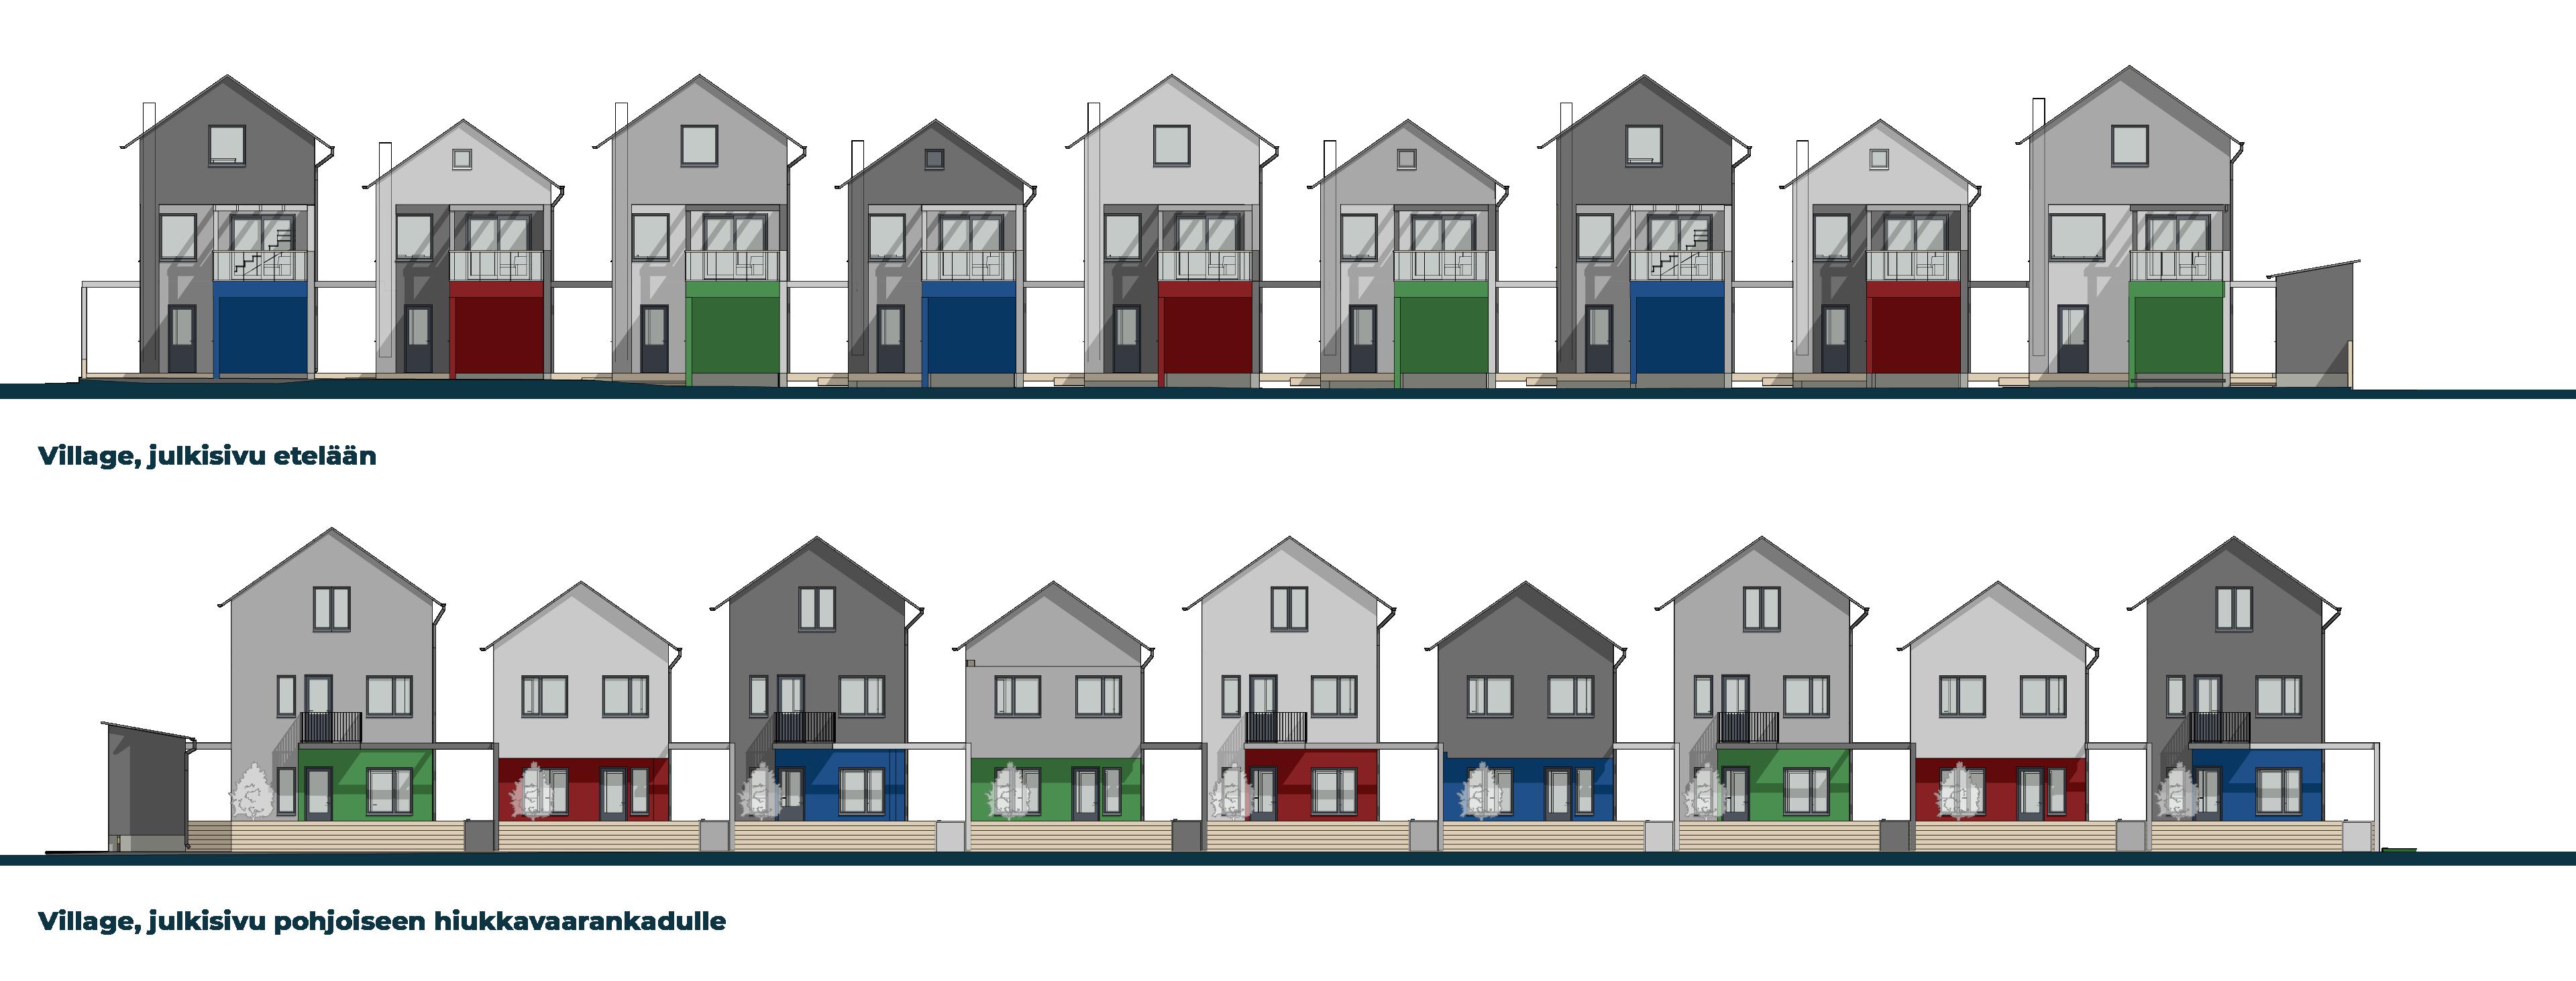 Hiukkavaaran Villagen julkisivukaaviot